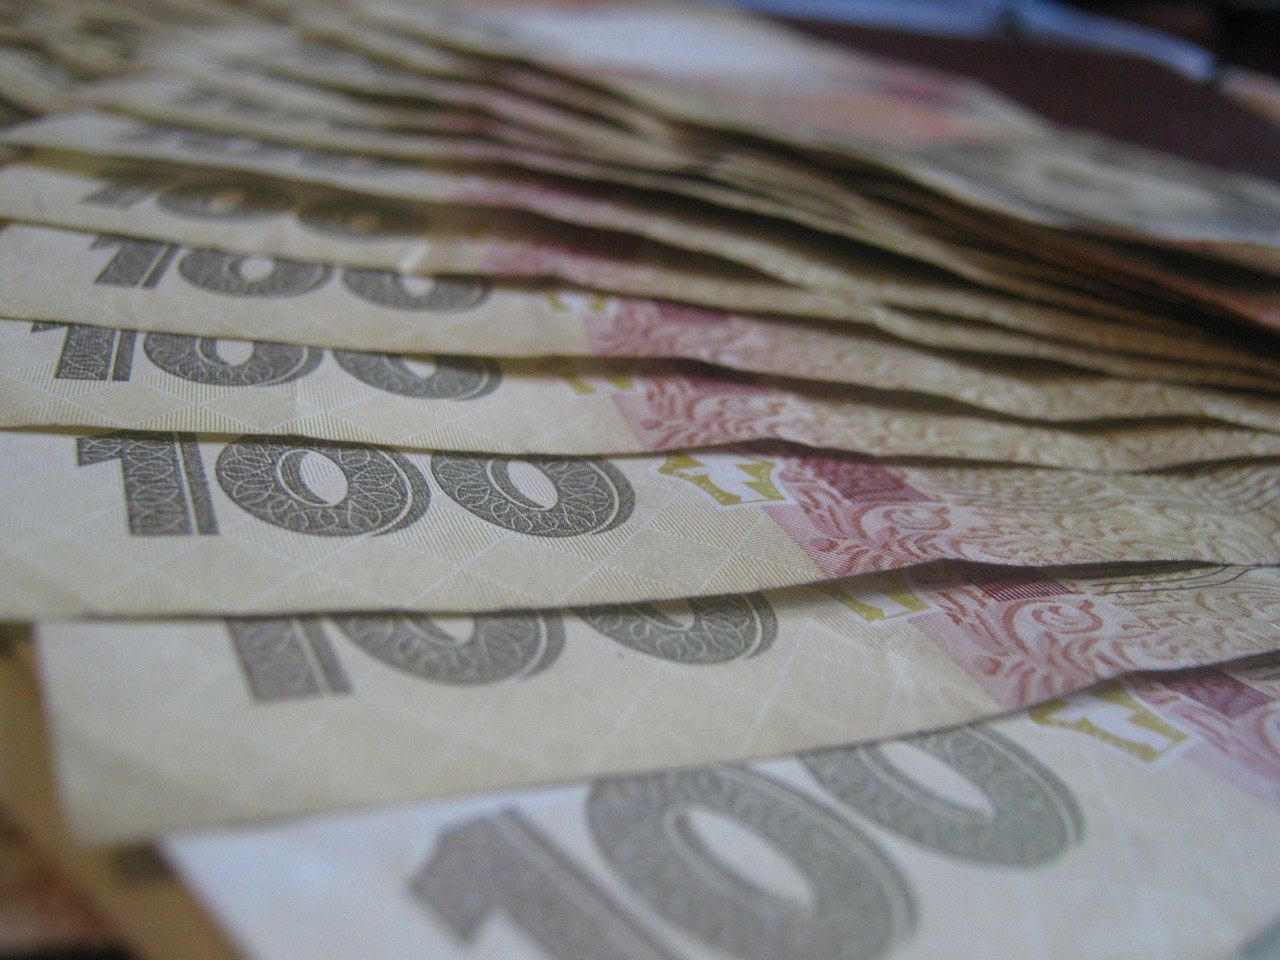 Кому призначається субсидія та як її оформити у 2021 році? - тарифи, субсидії, матеріальна допомога, компенсація - money 874630 1280